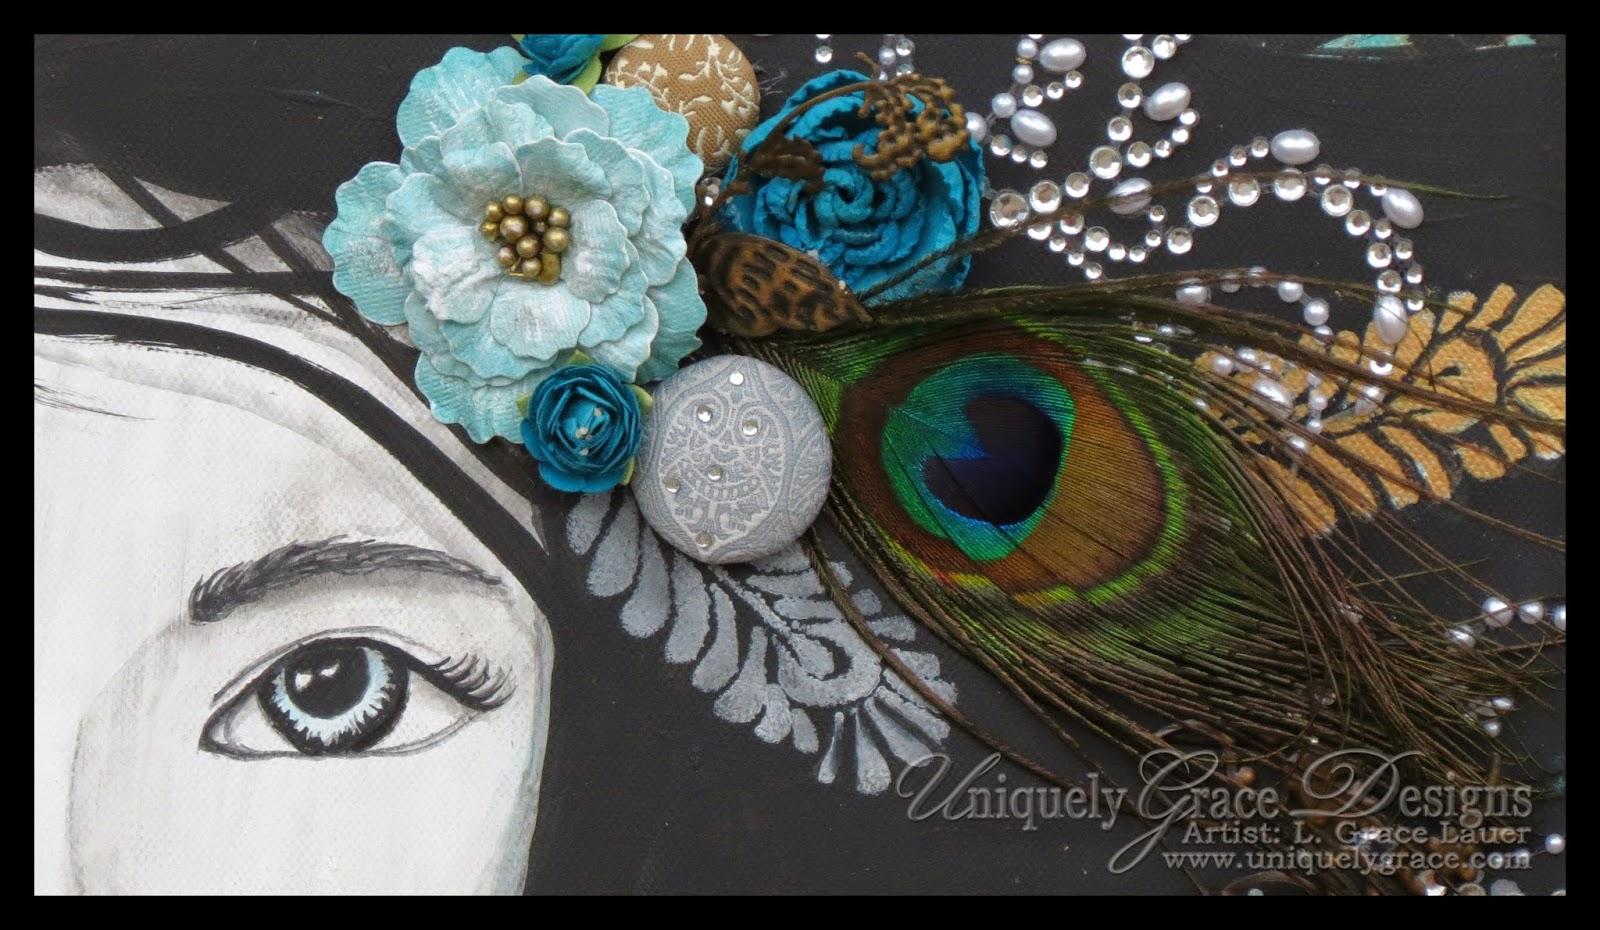 http://blog.uniquelygrace.com/2014/05/troisieme-presenting-peacock-ballet-canvas-diptych.html